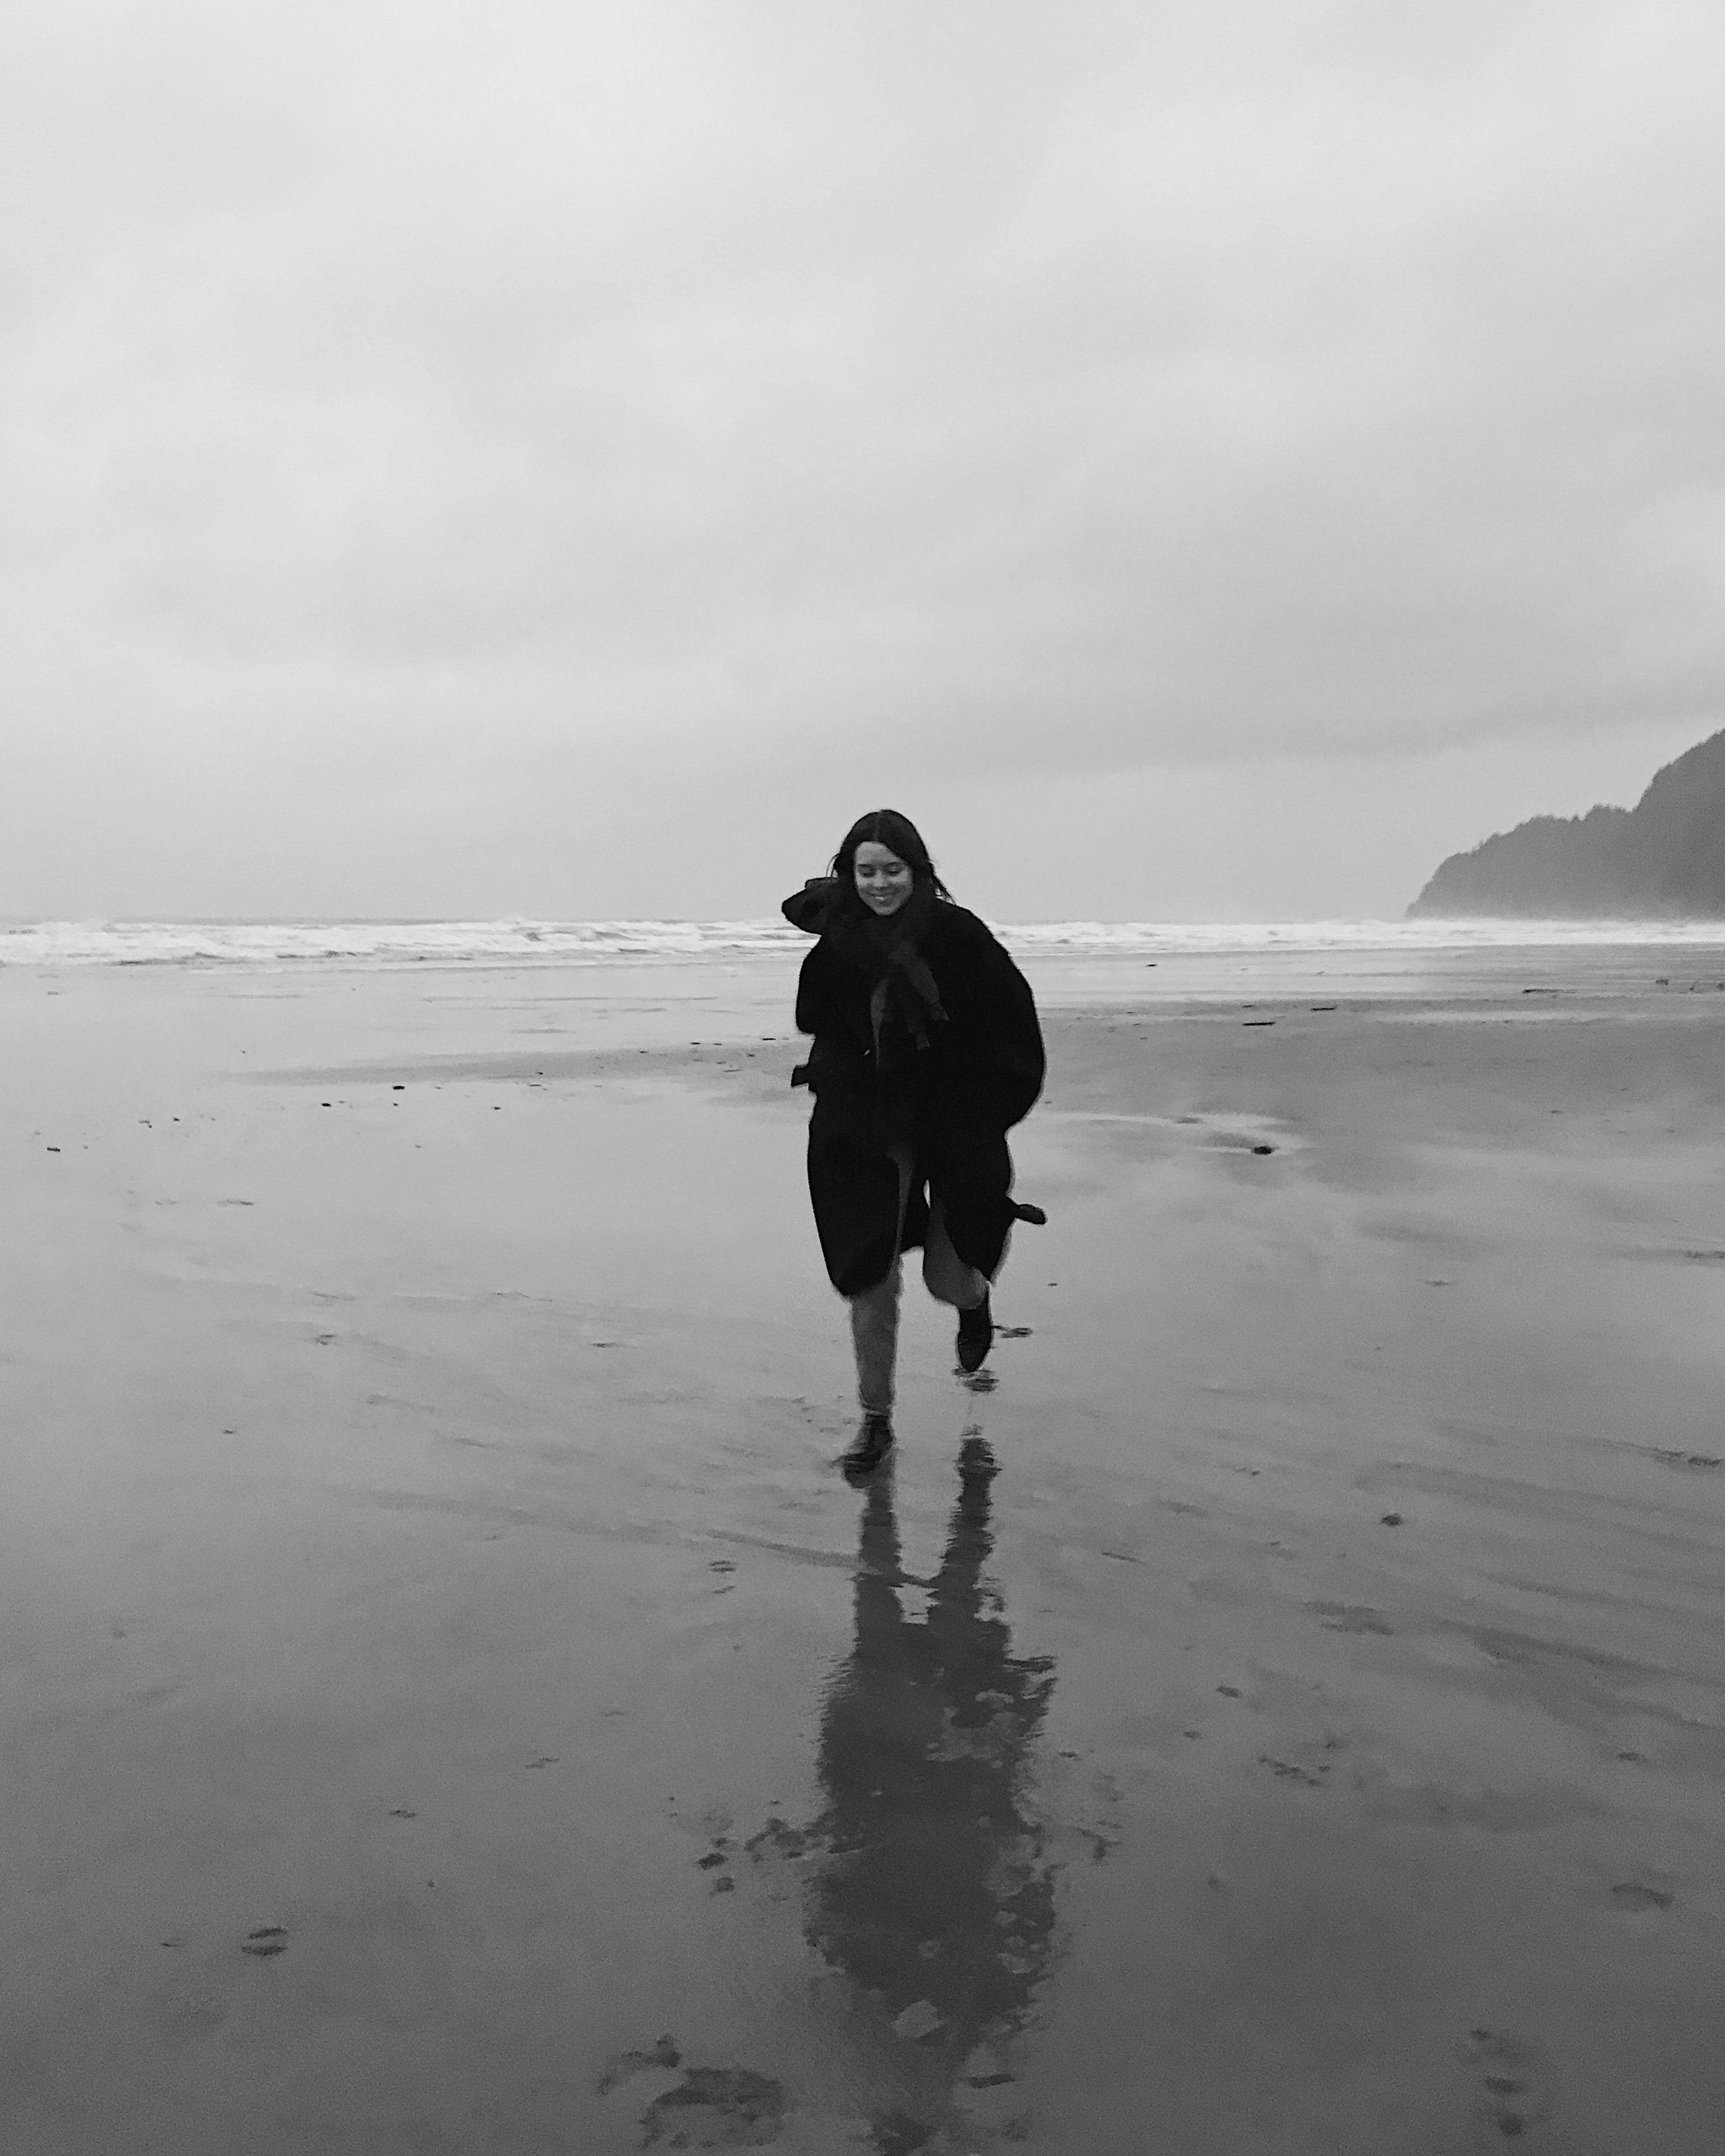 coast-01.jpg